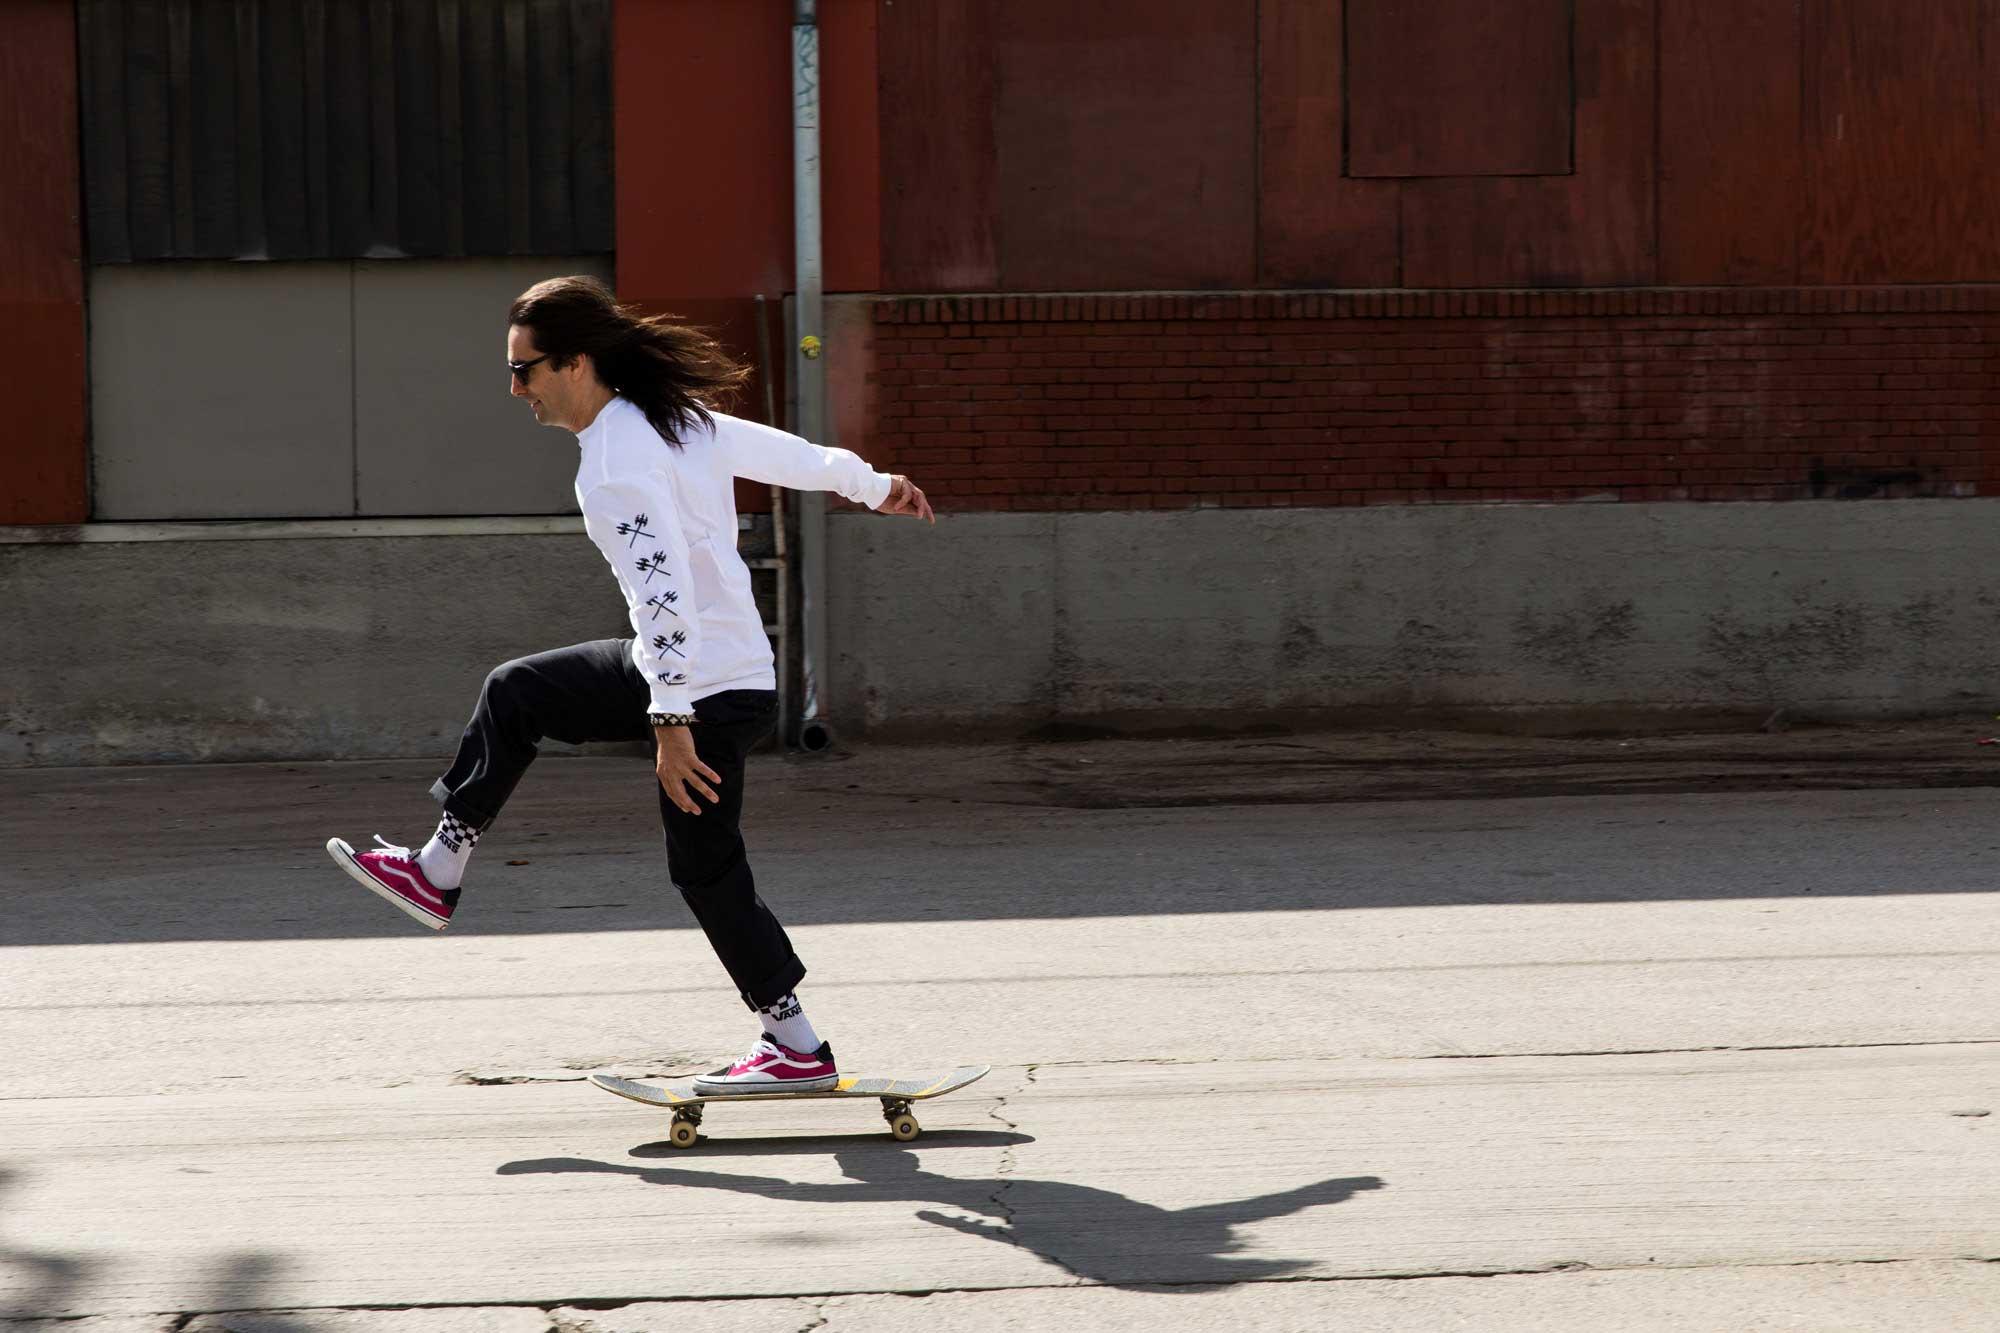 FA18_Skate_TNTAP_19?enablejsapi=1